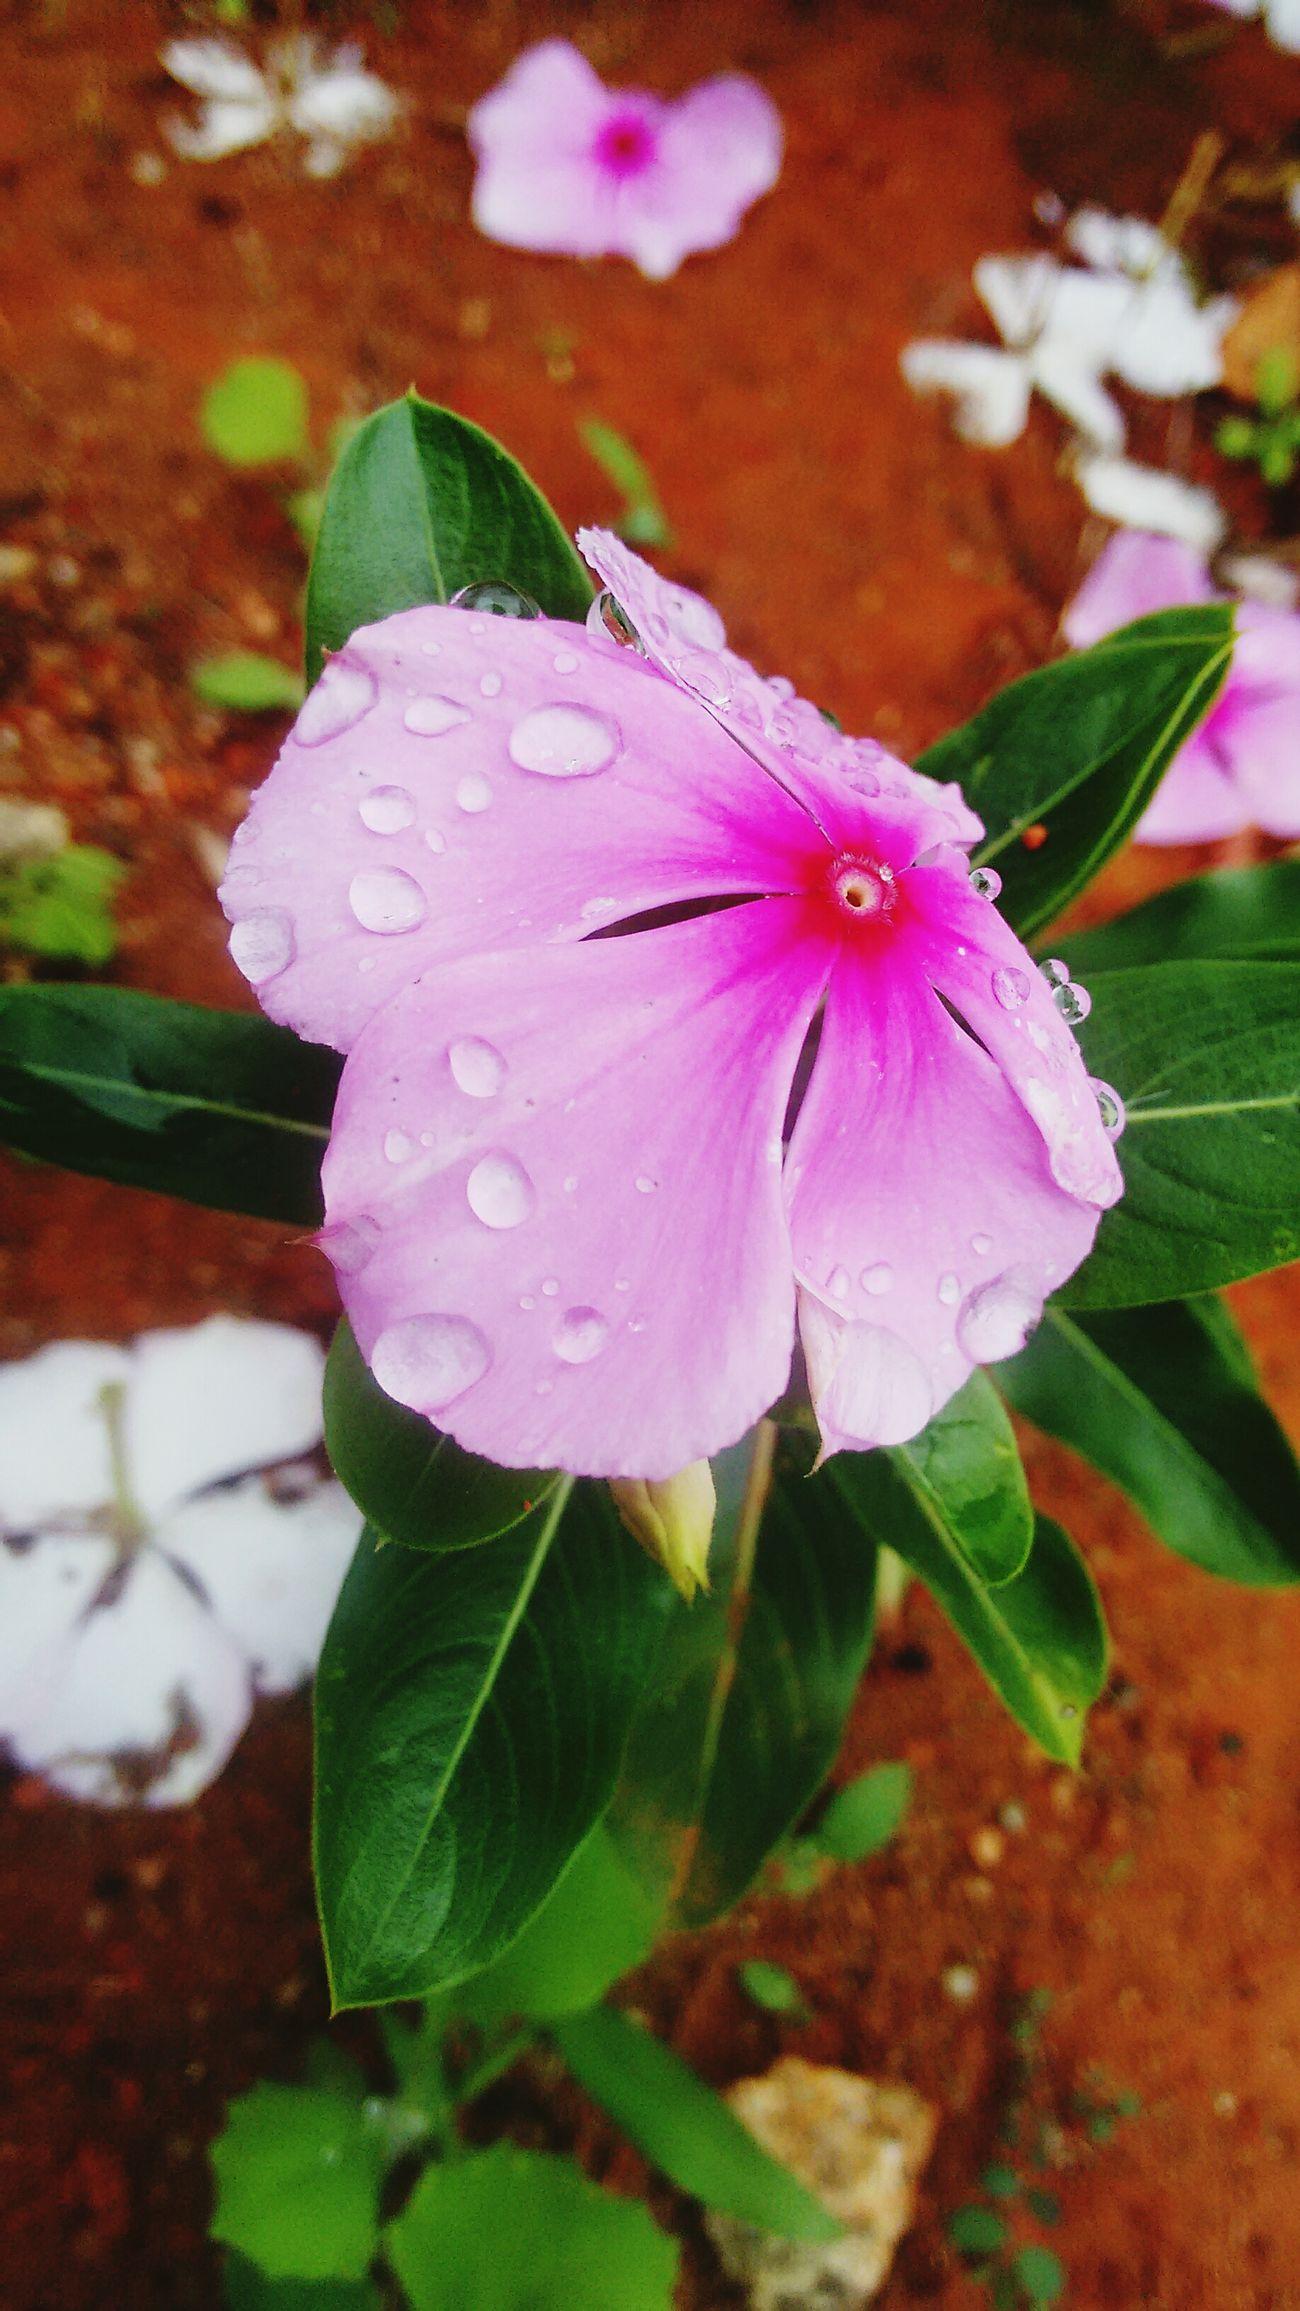 Que Florzinha Linda Achuvachegou Deixando Tudo Mais Bonito Gotas Da Chuva Amomuito